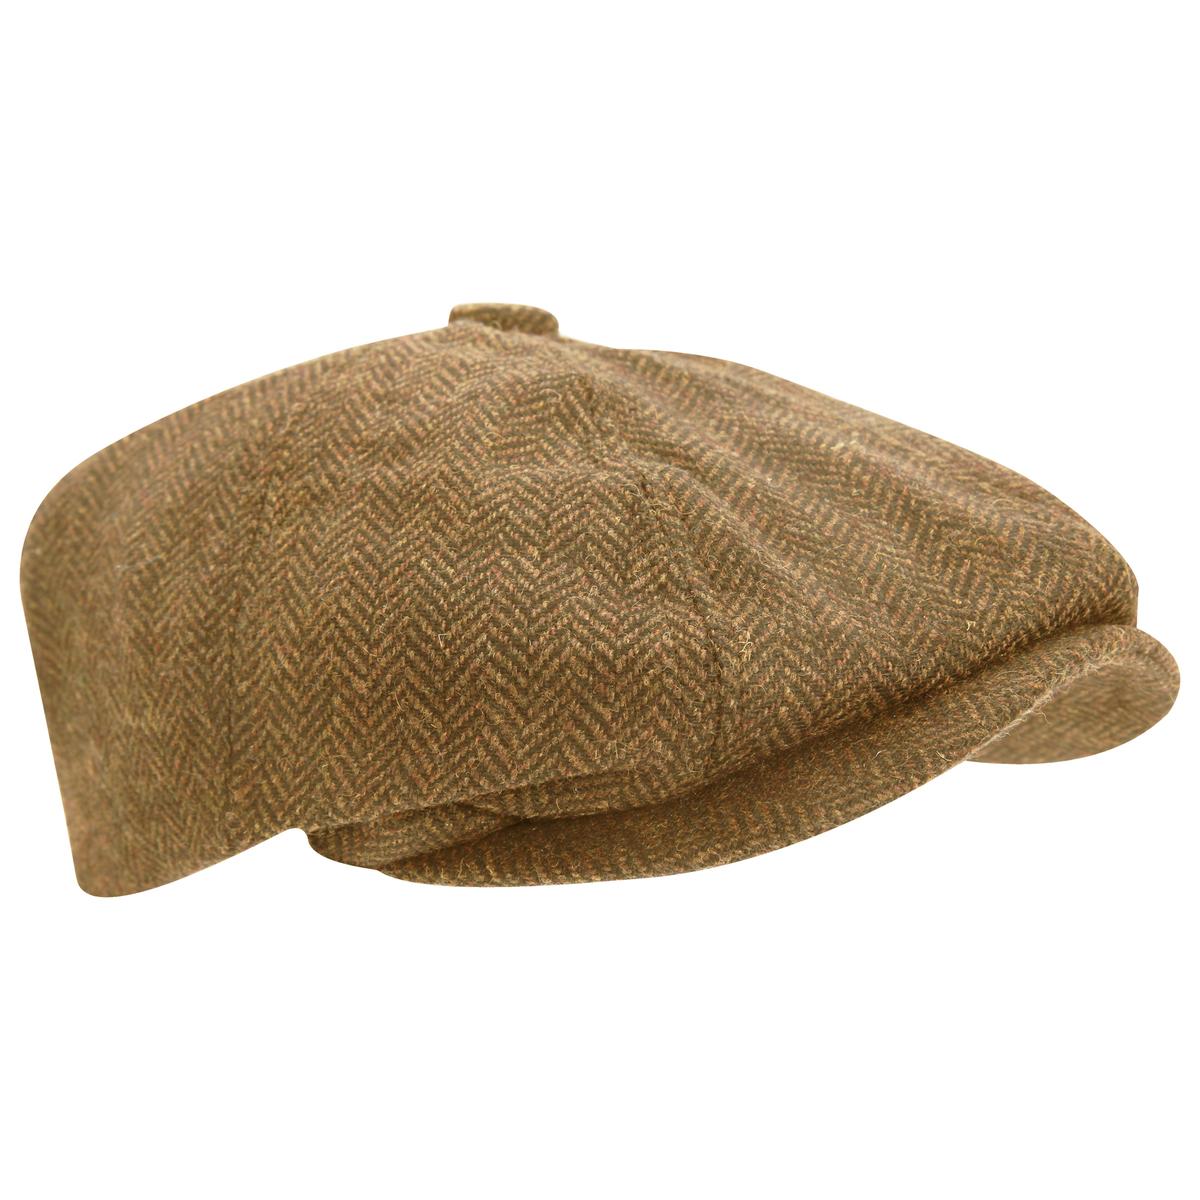 フラットキャップ ハンチング フェードラ カジュアル 中折れ帽 メンズ ウールブレンド ヘリンボーン キャスケット 感謝価格 8パネル 割り引き ニュースボーイキャップ 帽子 ハット 秋冬 男性用 海外直送